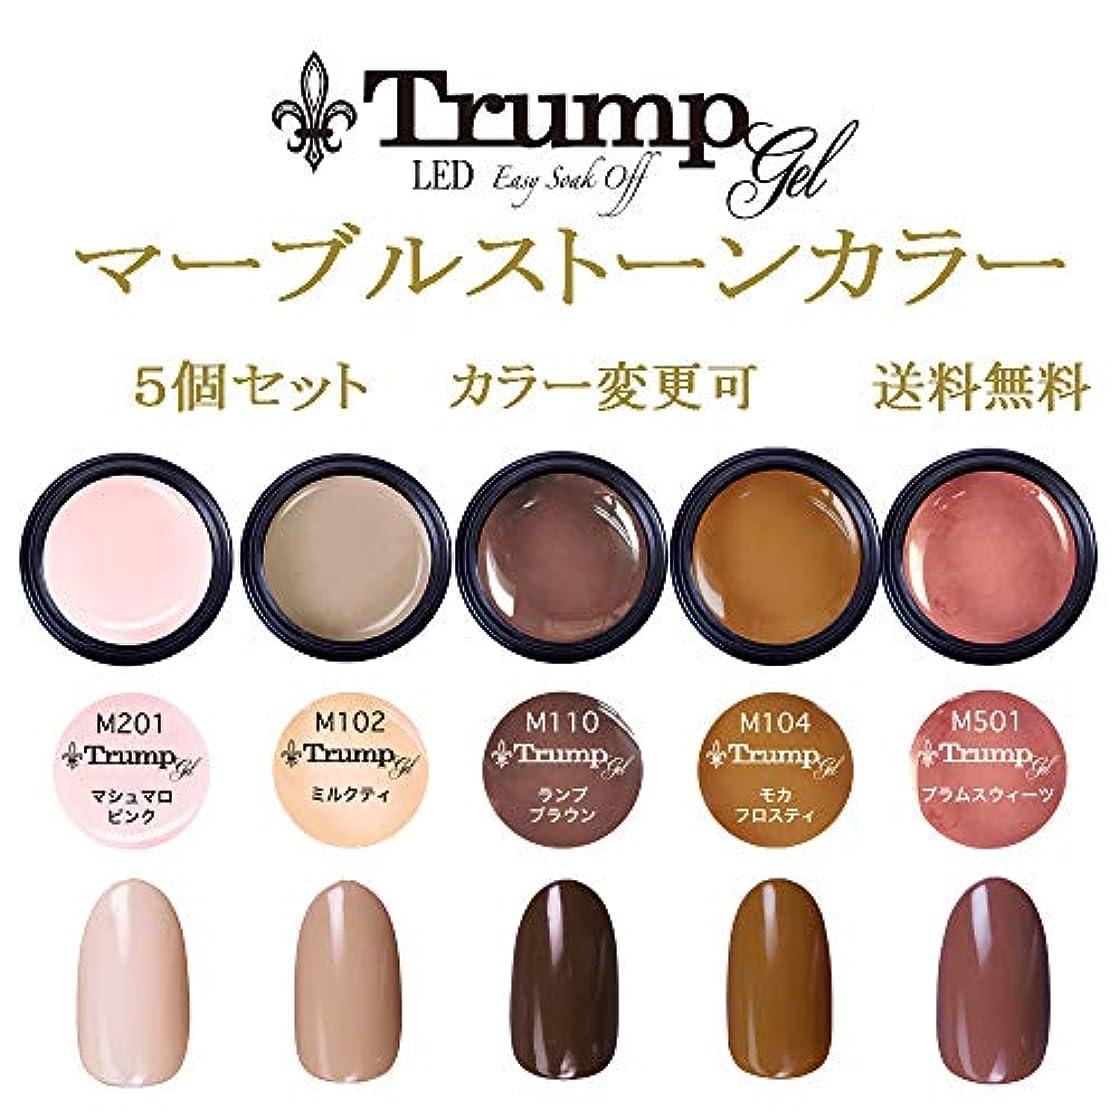 呪い永久間違いなく【送料無料】日本製 Trump gel トランプジェル マーブルストーン カラージェル 5個セット 人気の大理石ネイルカラーをチョイス